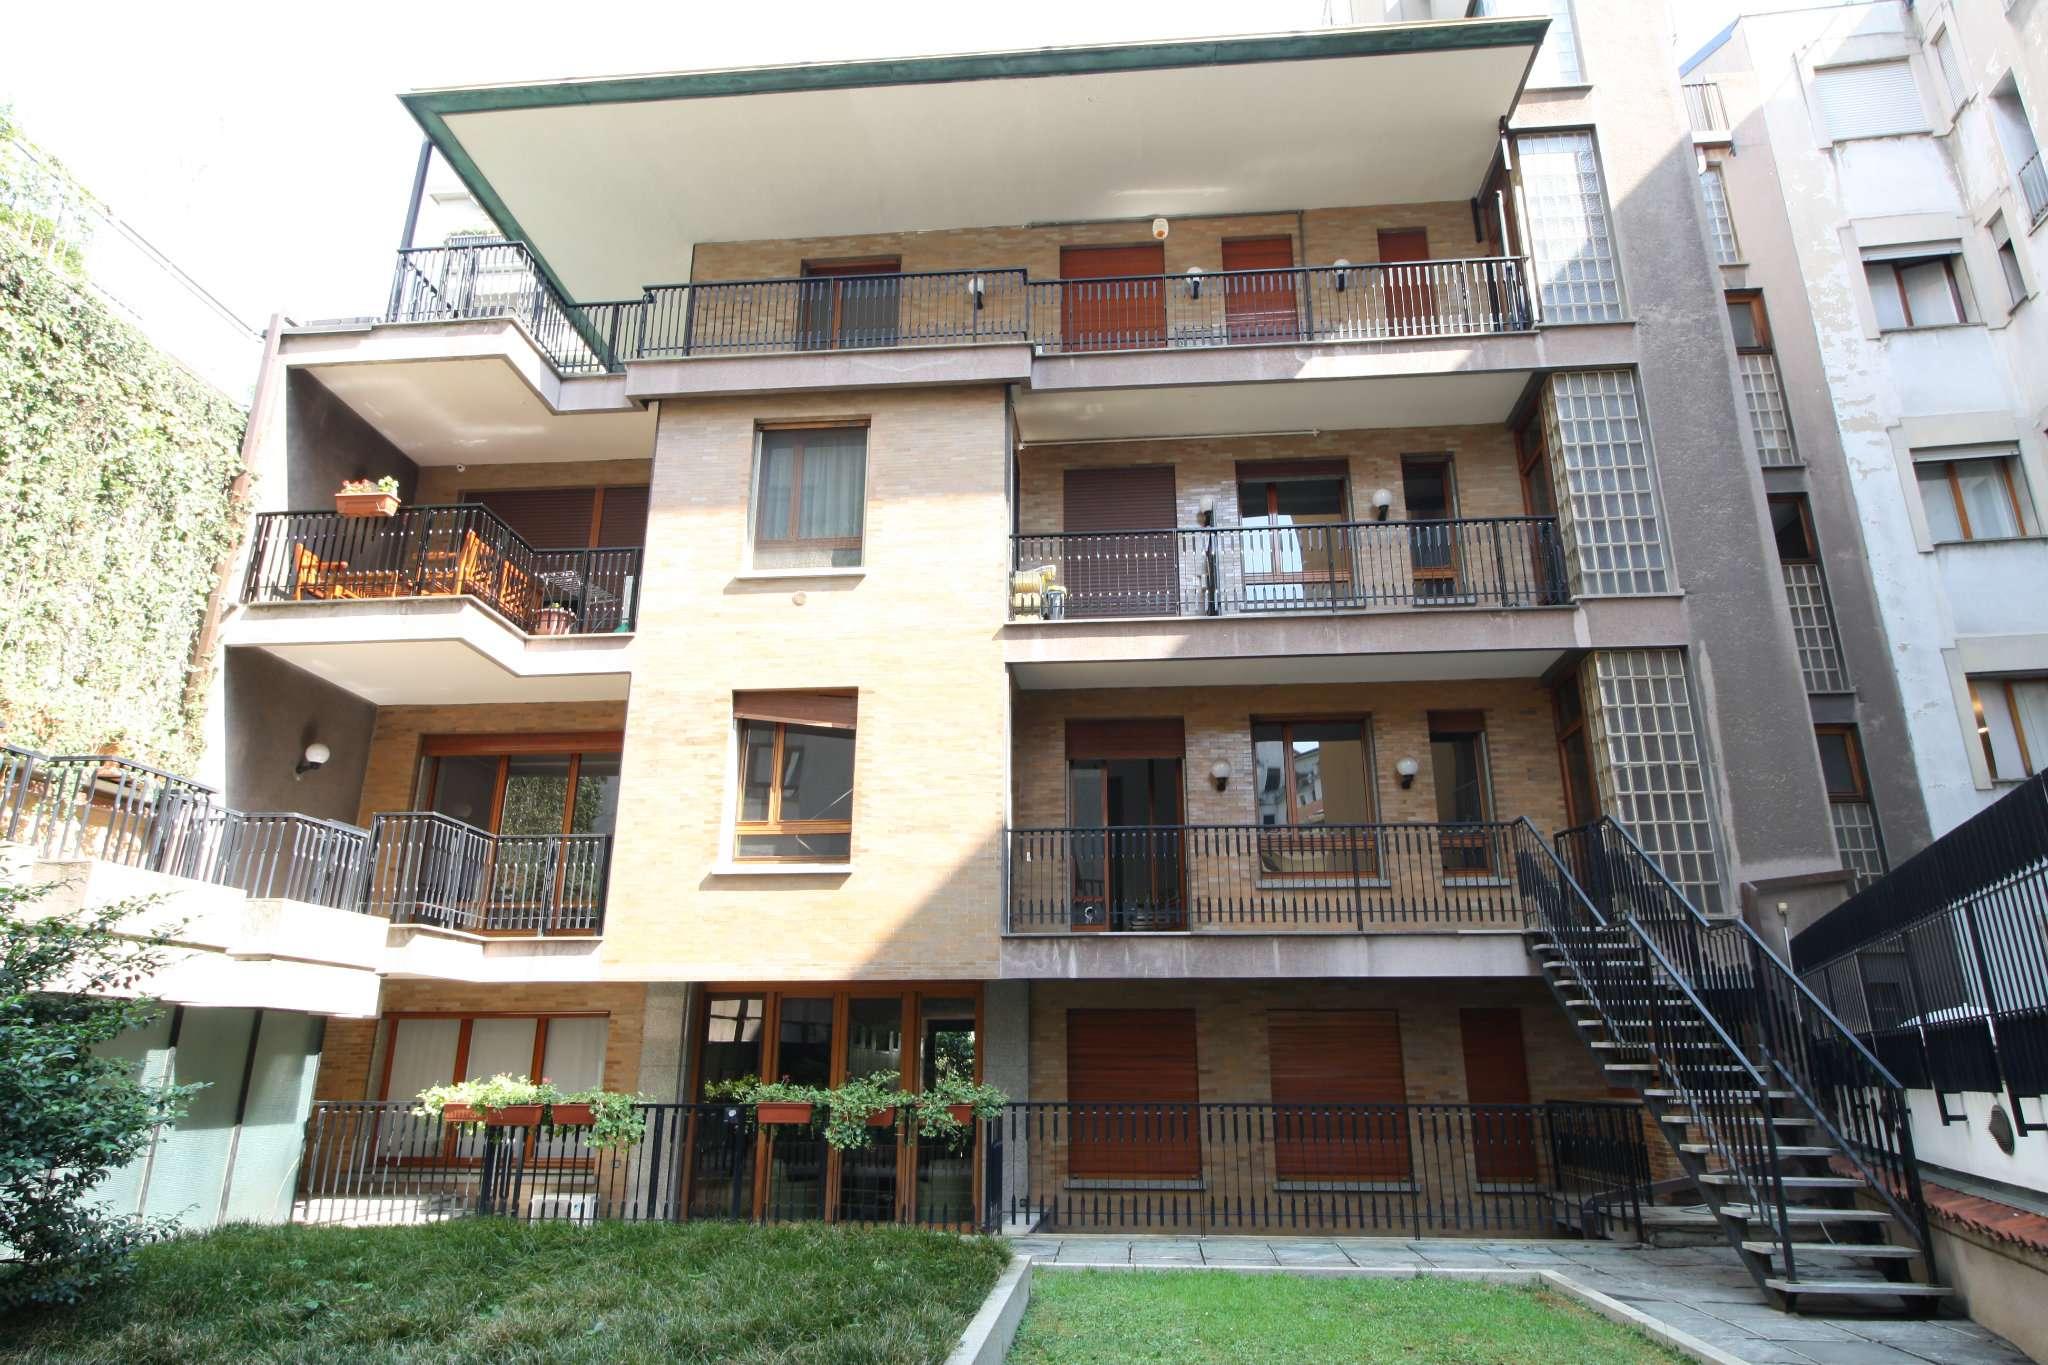 Appartamento in Vendita a Milano: 2 locali, 73 mq - Foto 1